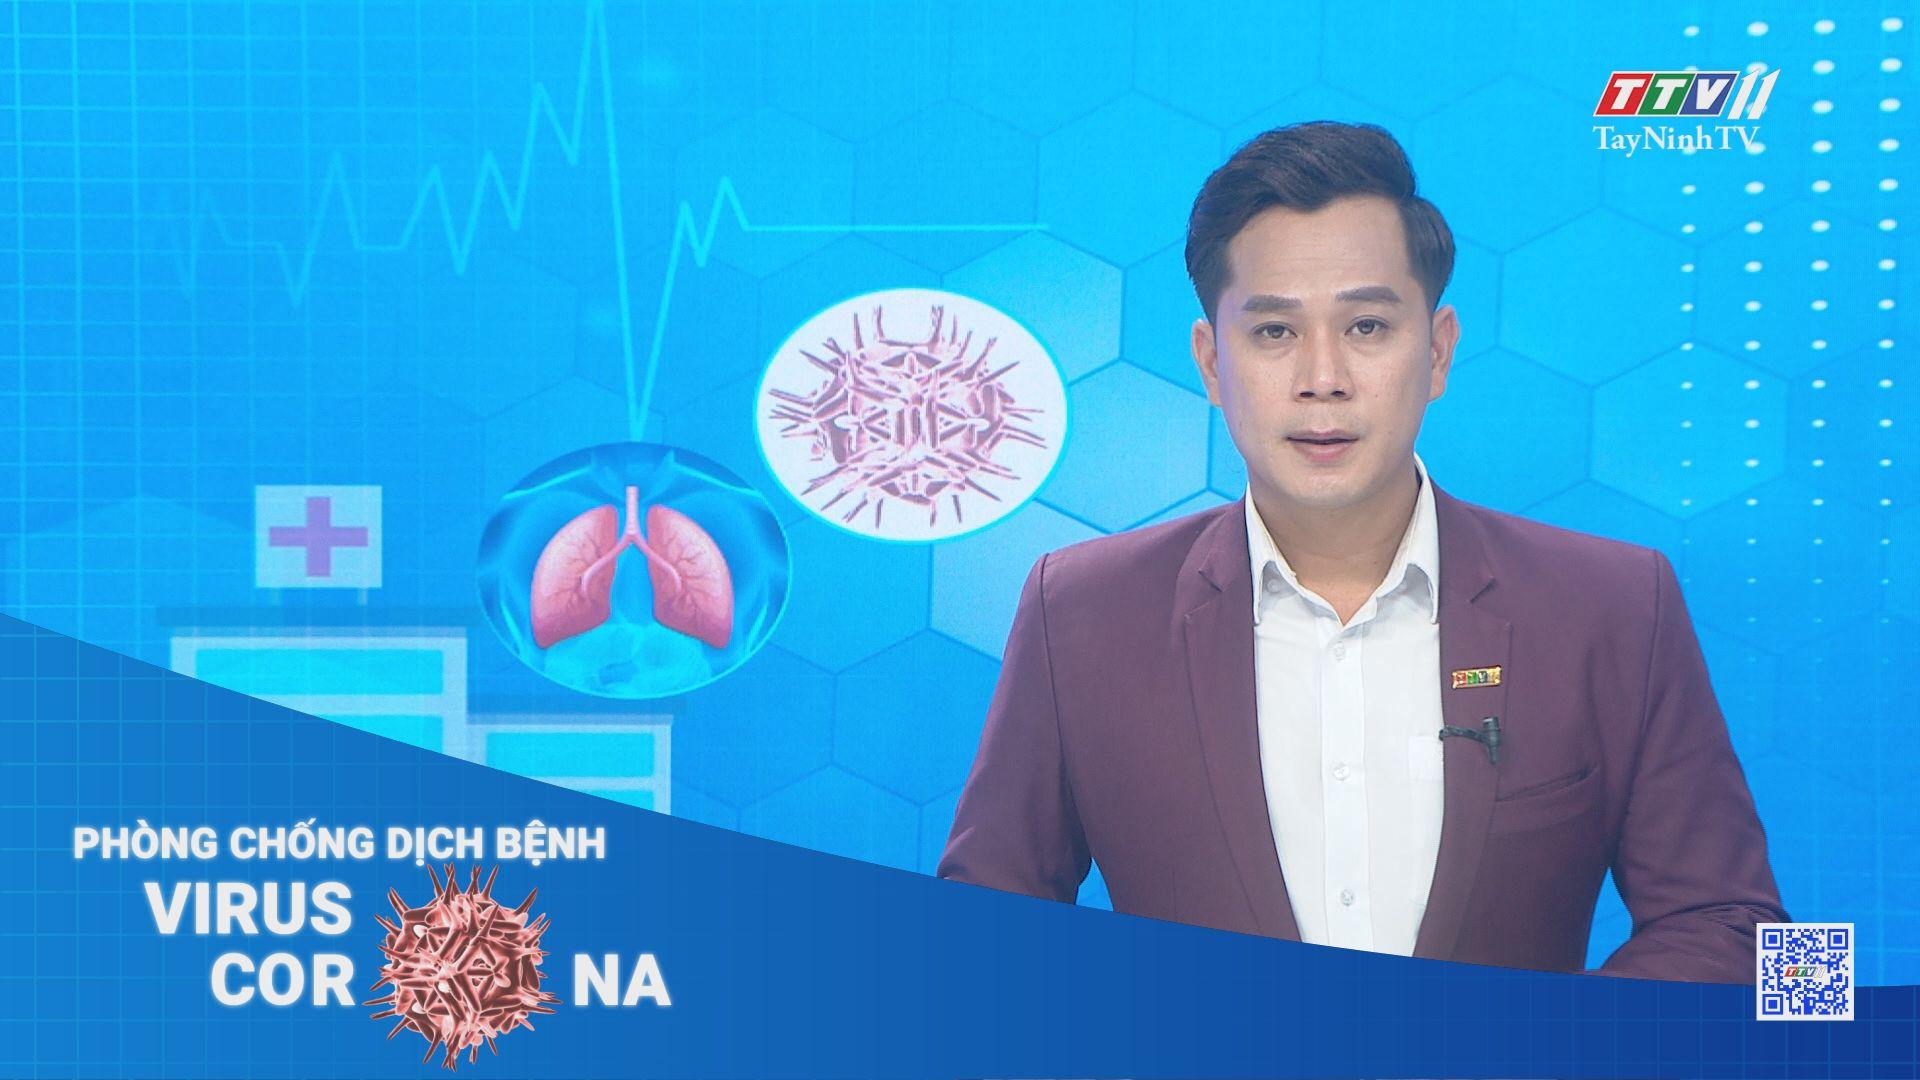 Tăng cường phát hiện sớm ca bệnh Covid-19 | THÔNG TIN DỊCH CÚM COVID-19 | TayNinhTV